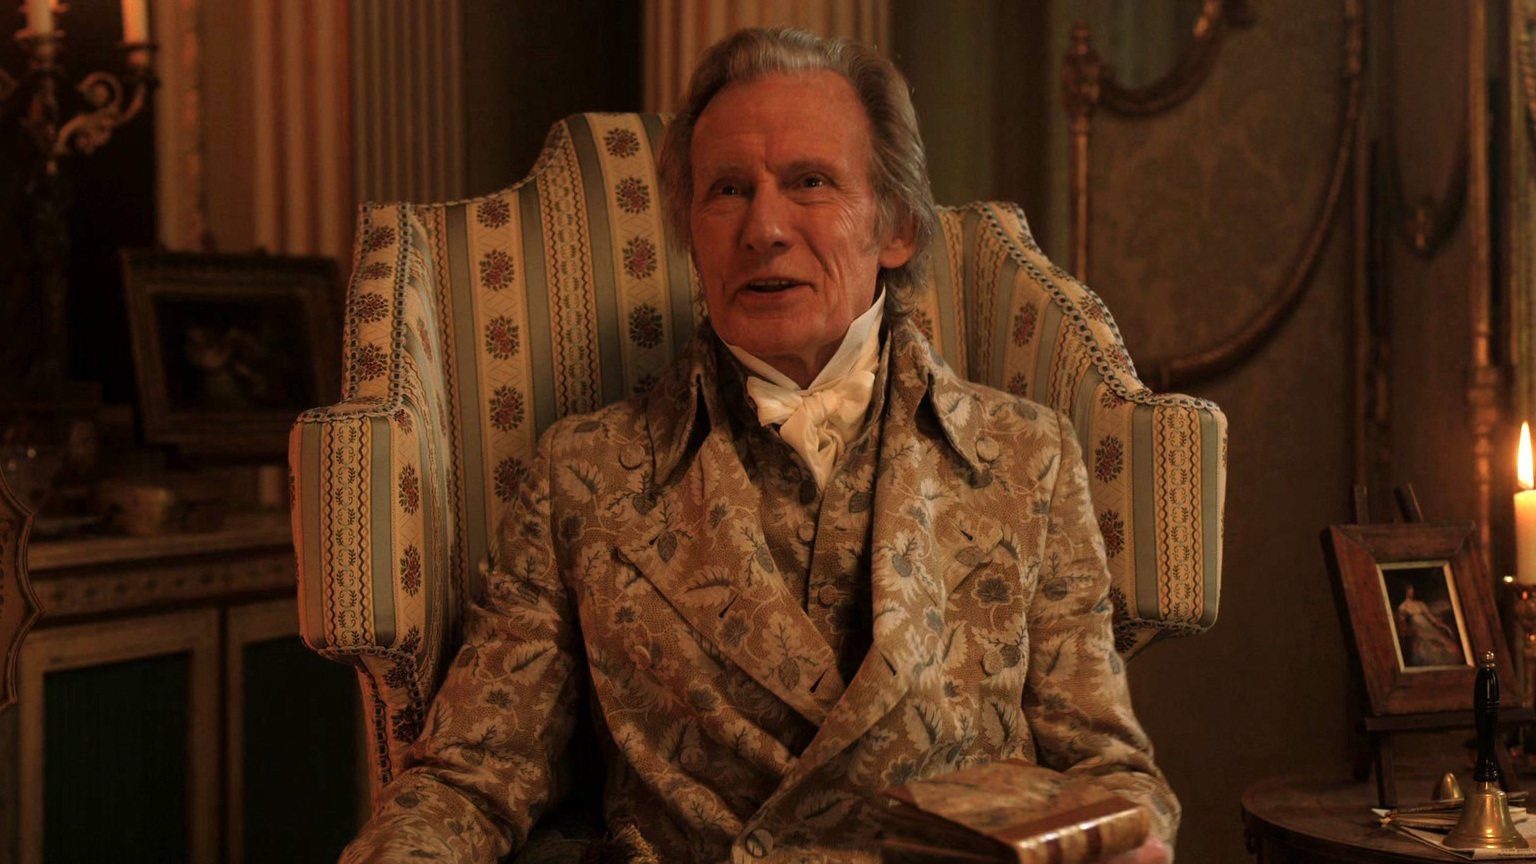 Emma.: Mr. Knightley